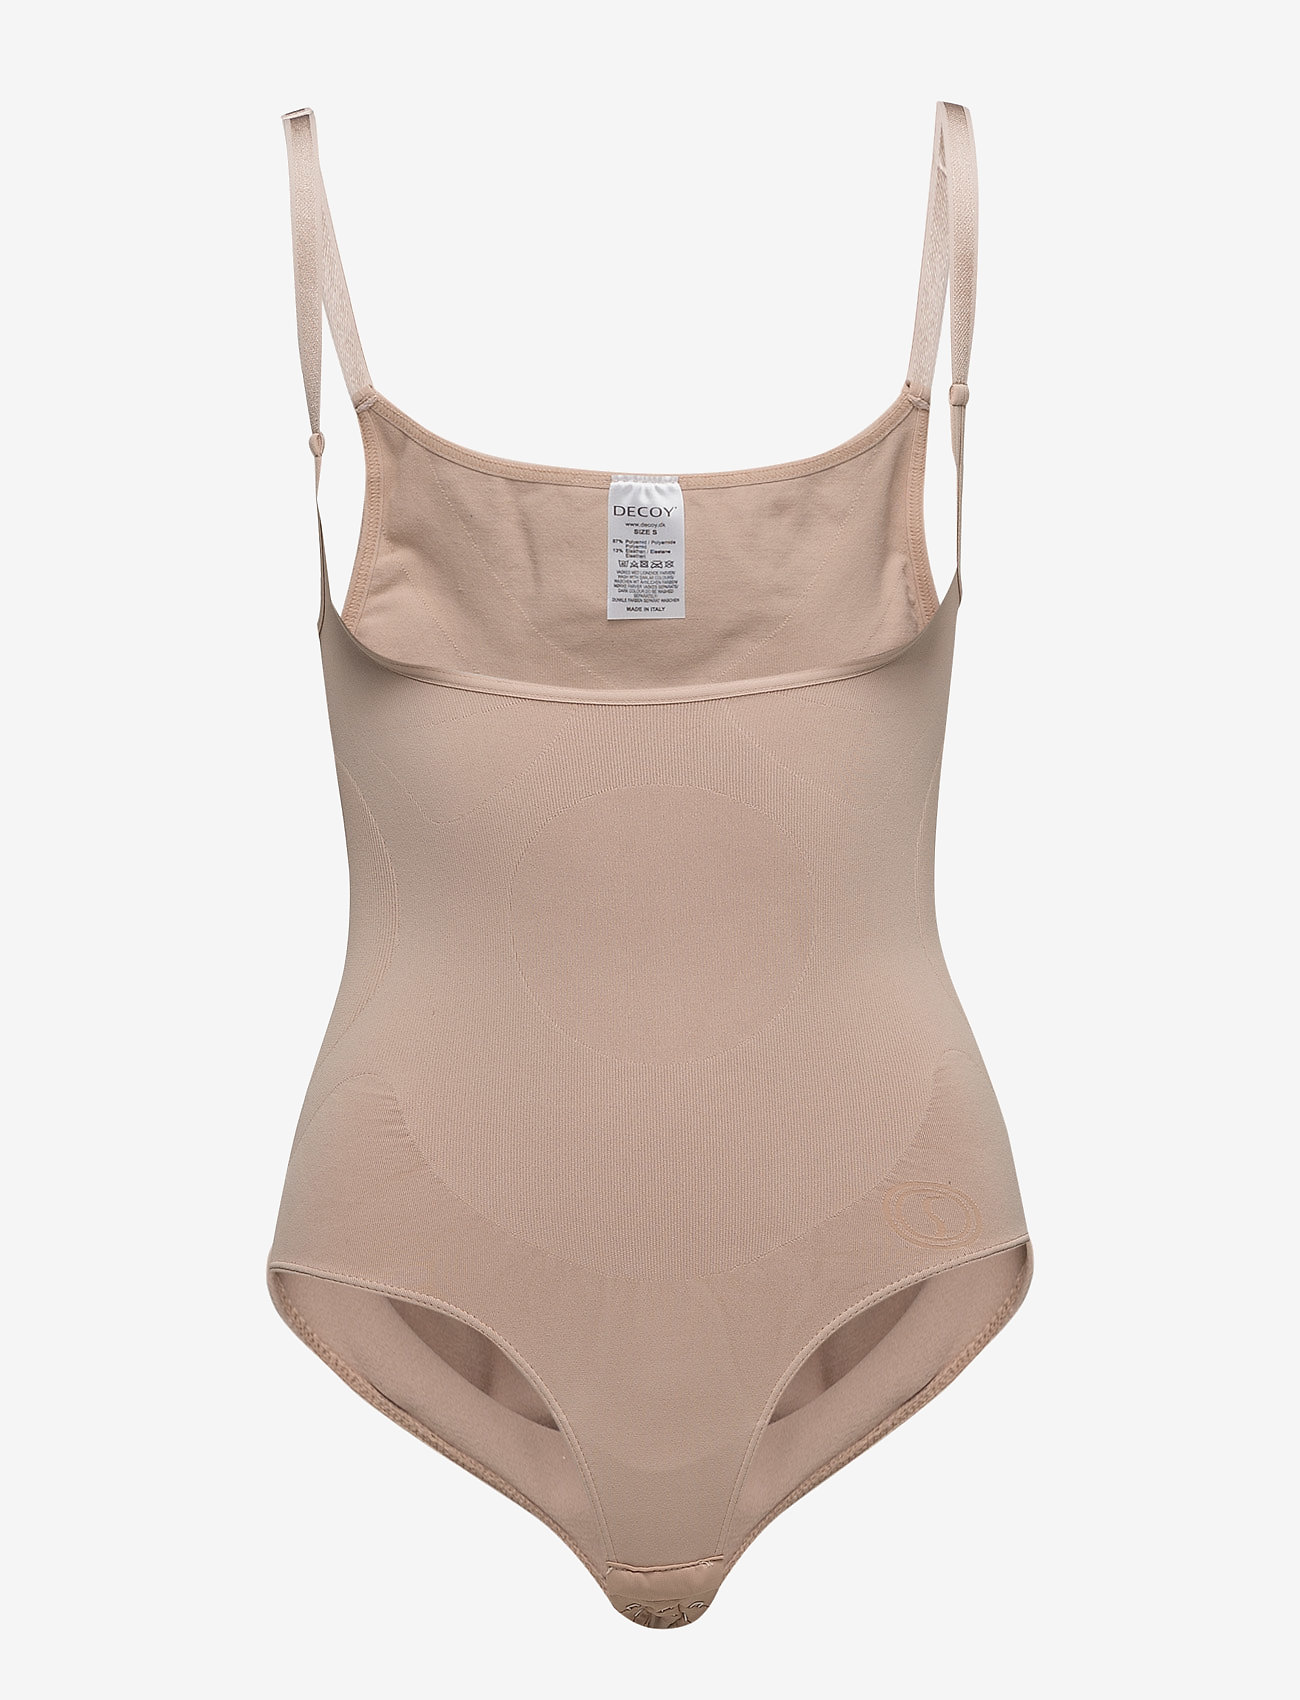 Decoy - Shape wear Body stocking - tops - nude - 0